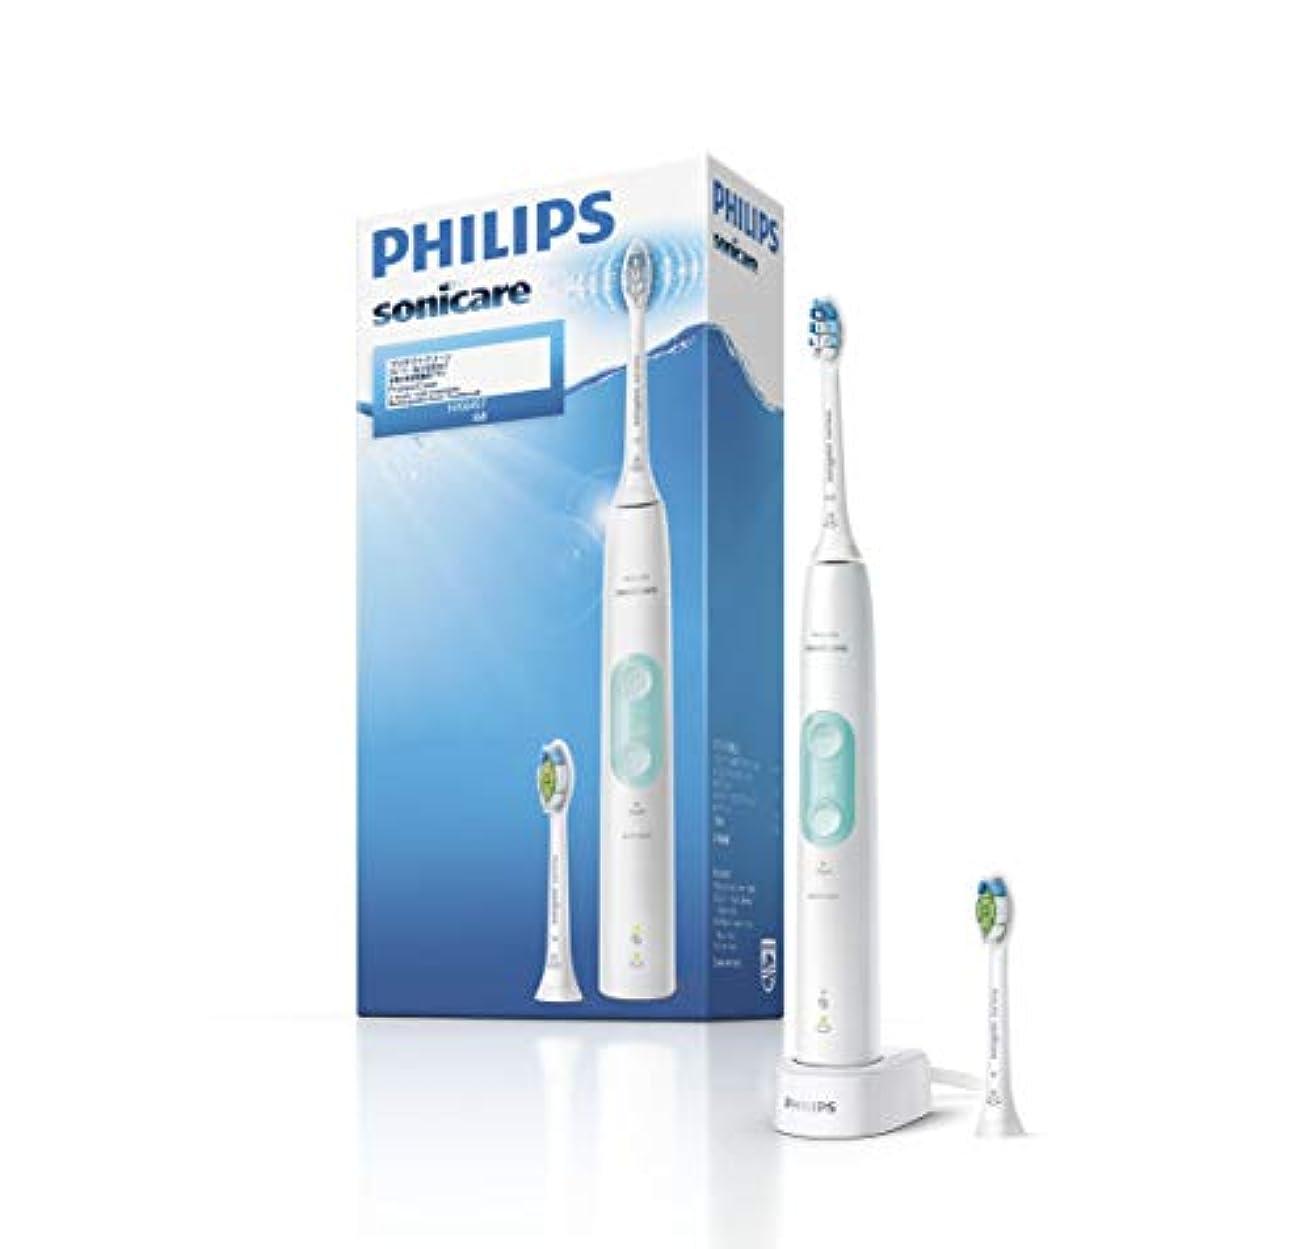 再撮り彼らうなずくフィリップス ソニッケアー プロテクトクリーン プラス 電動歯ブラシ ホワイトミント HX6457/68